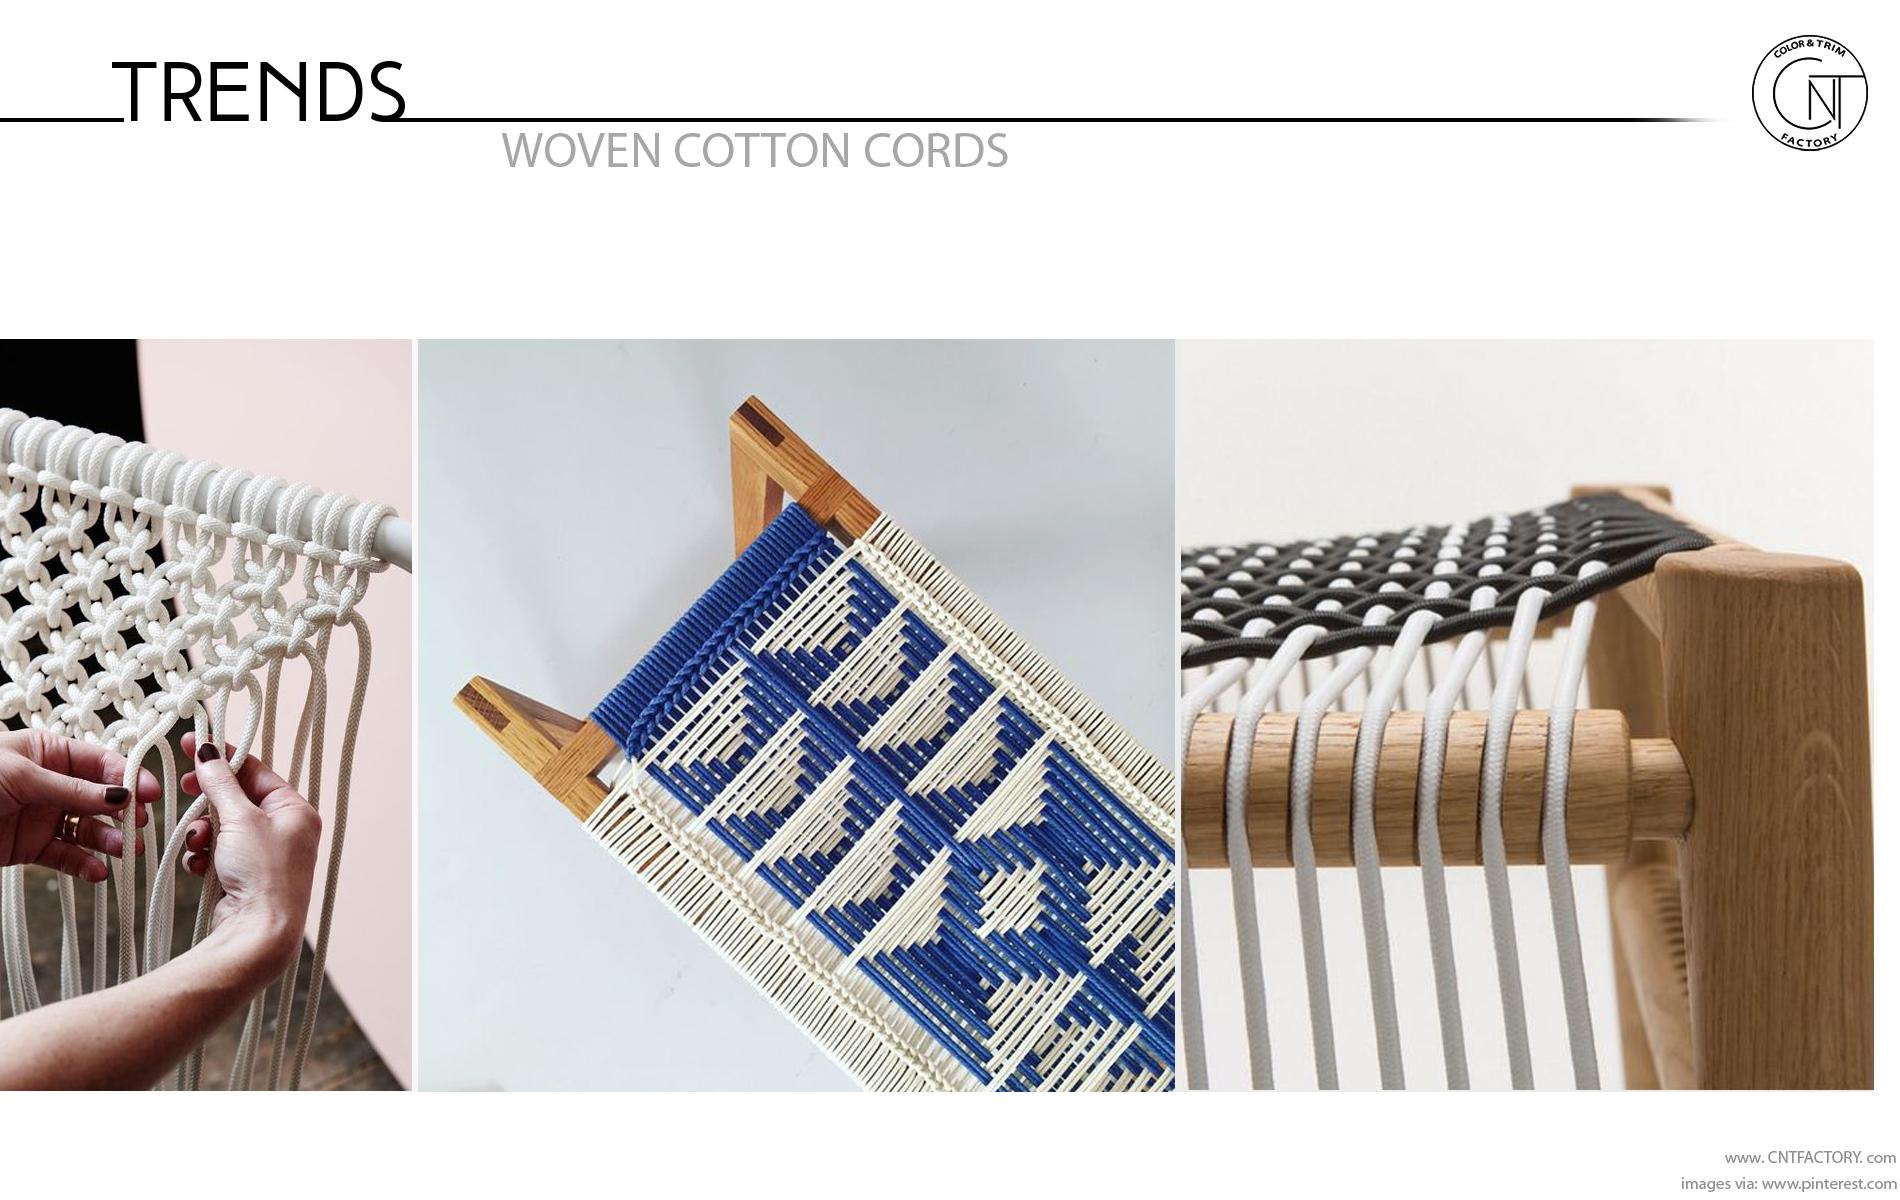 Woven Cotton Cords